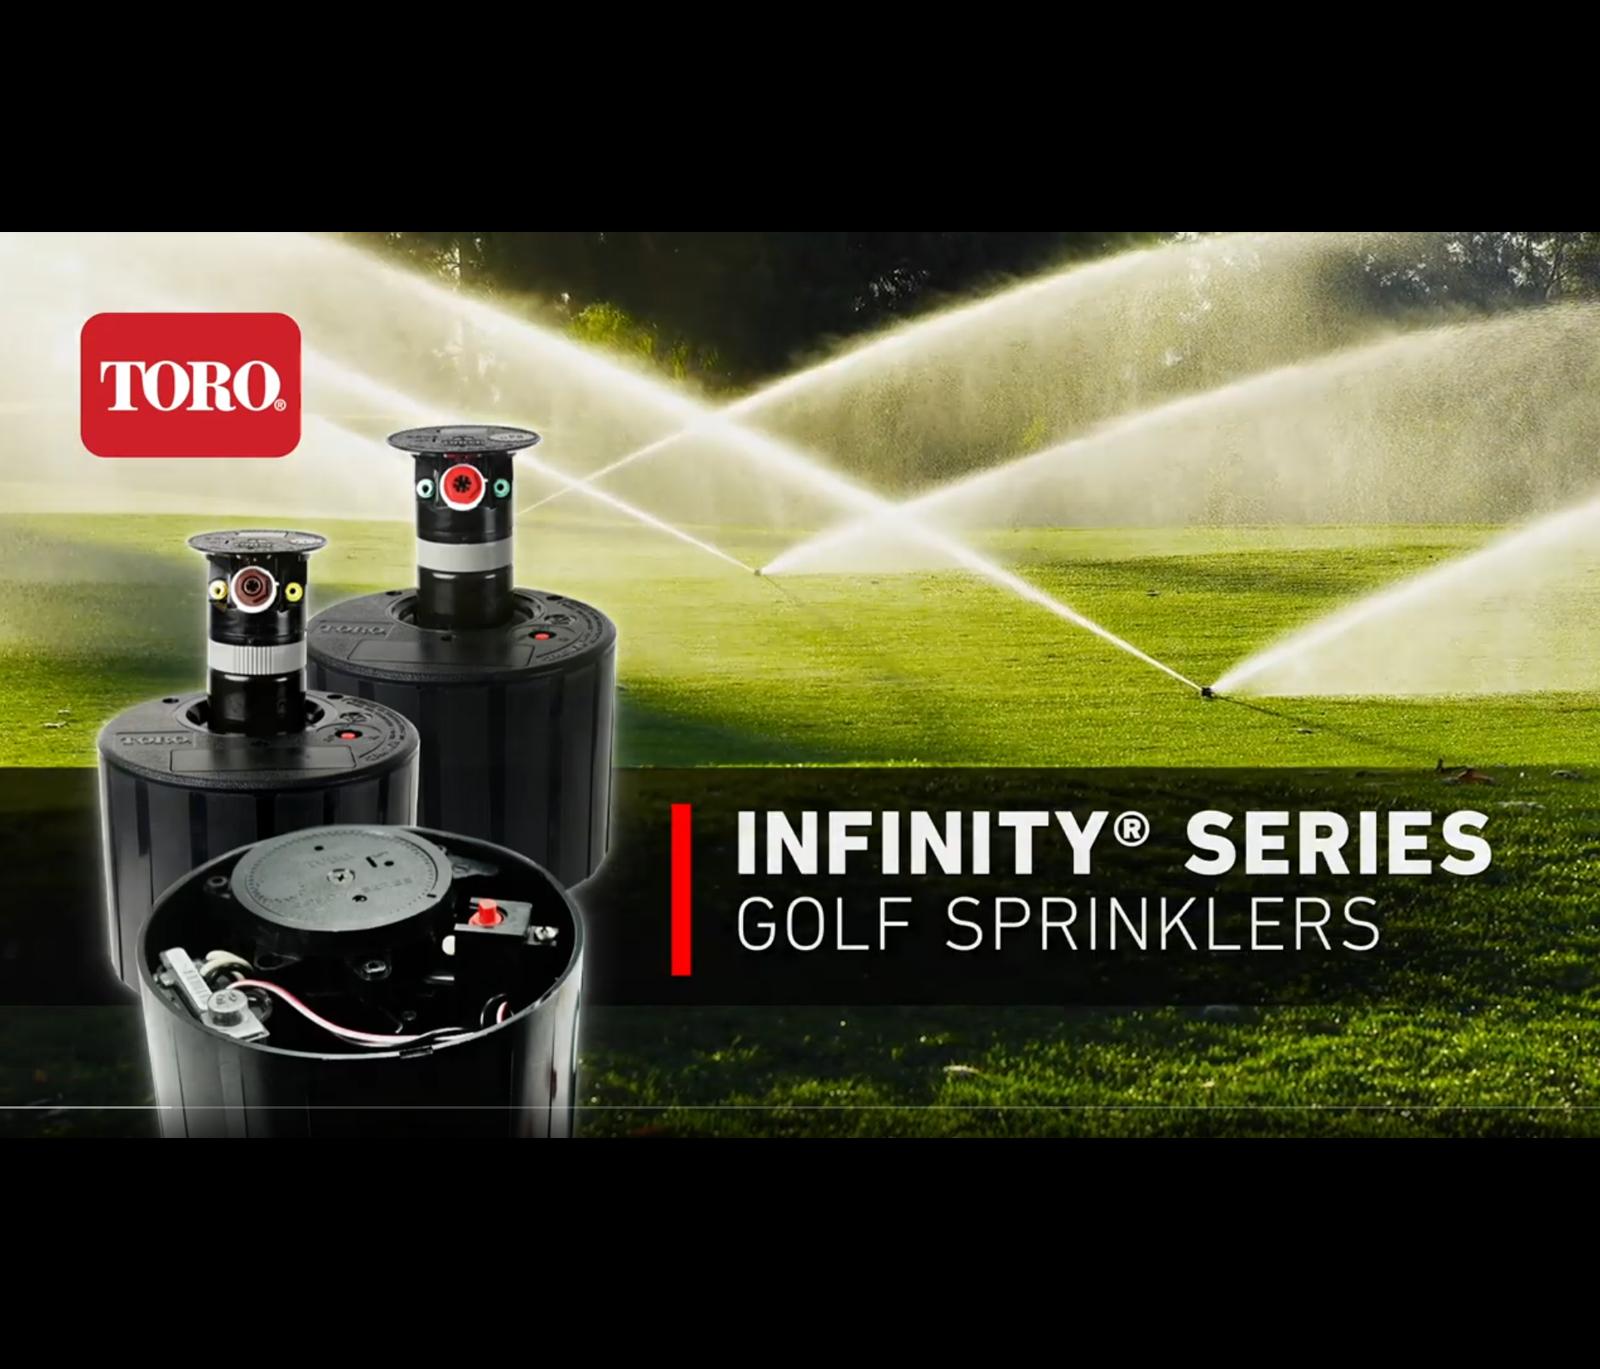 INFINITY® Series Sprinklers